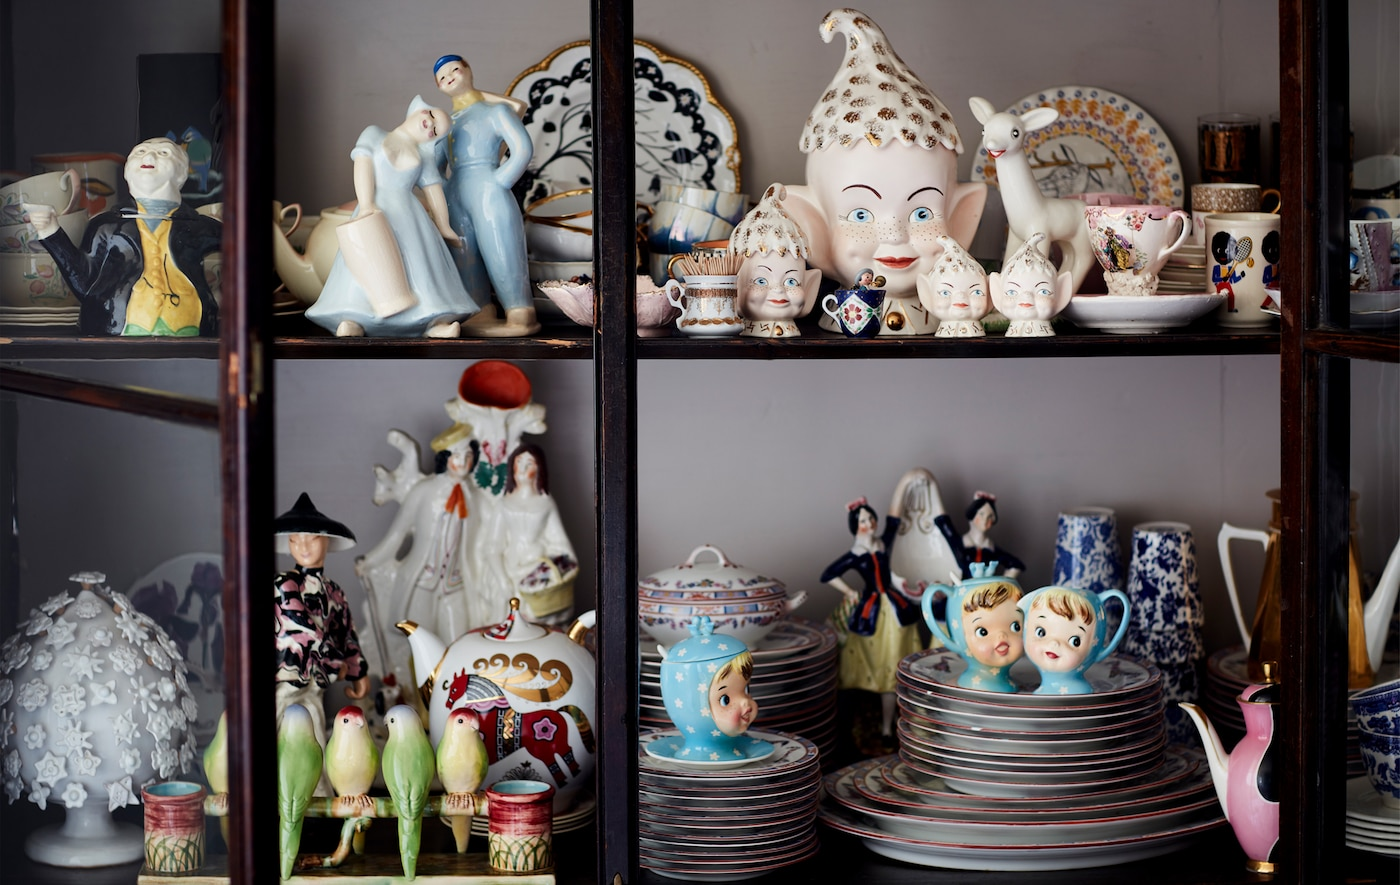 Une collection d'objets de décoration en porcelaine dans une vitrine.